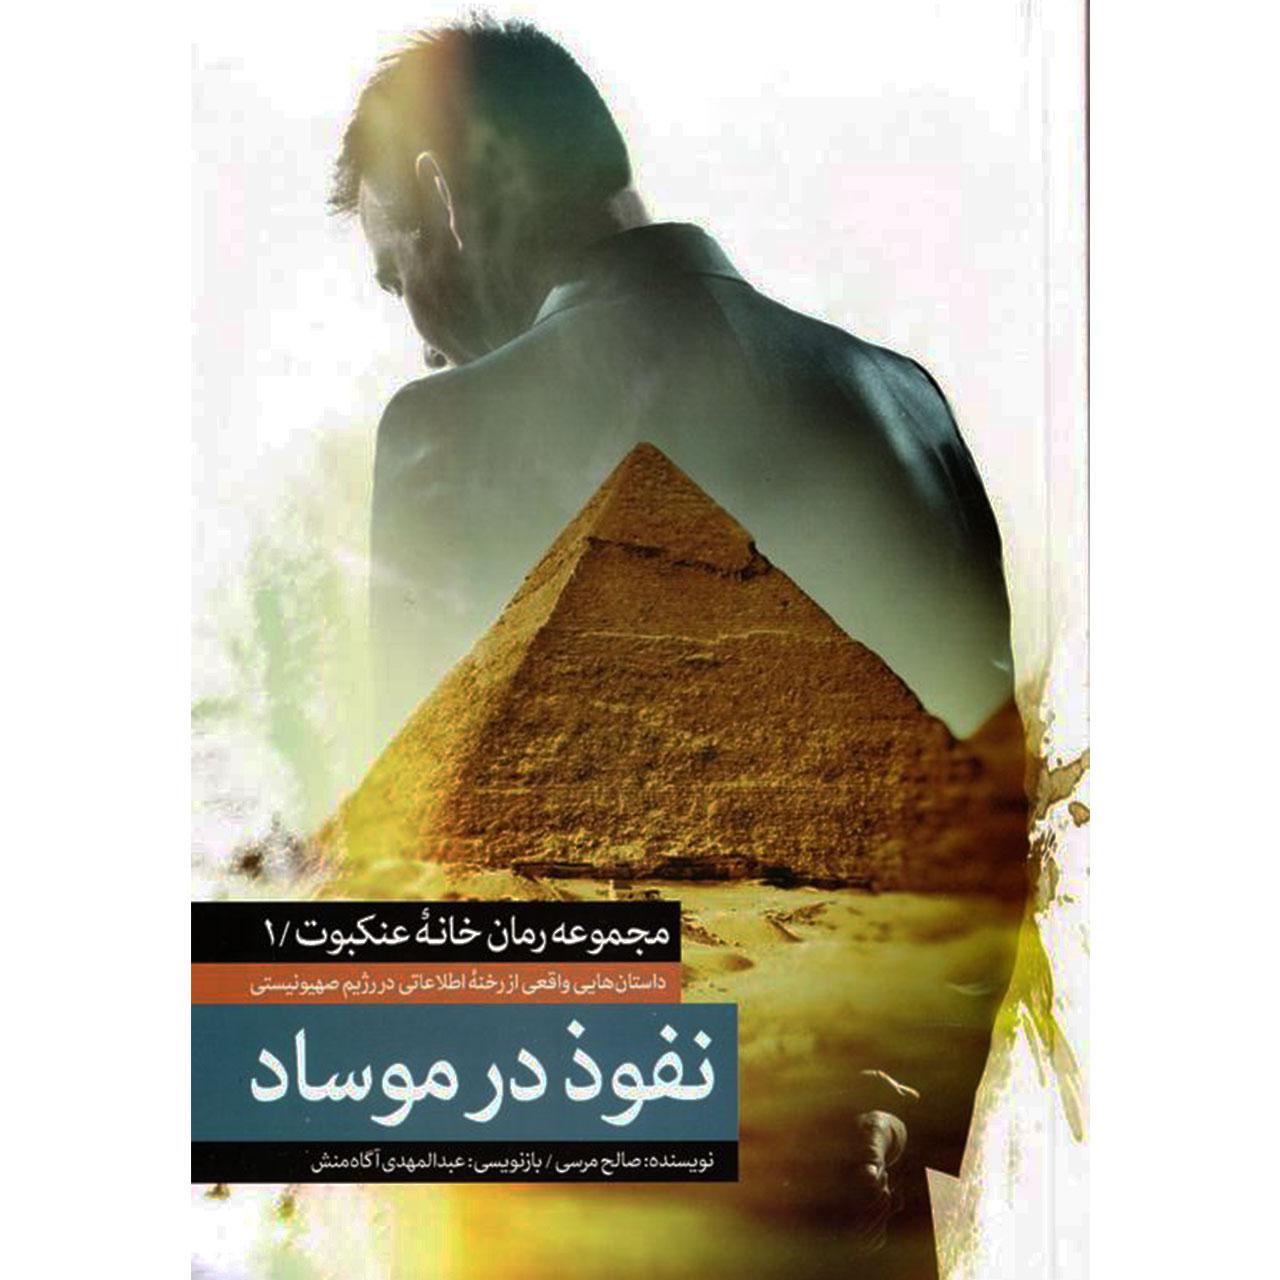 خرید                      کتاب نفوذ در موساد: داستان های واقعی از رخنه اطلاعاتی در رژیم صهیونیستی - اثر صالح مرسی